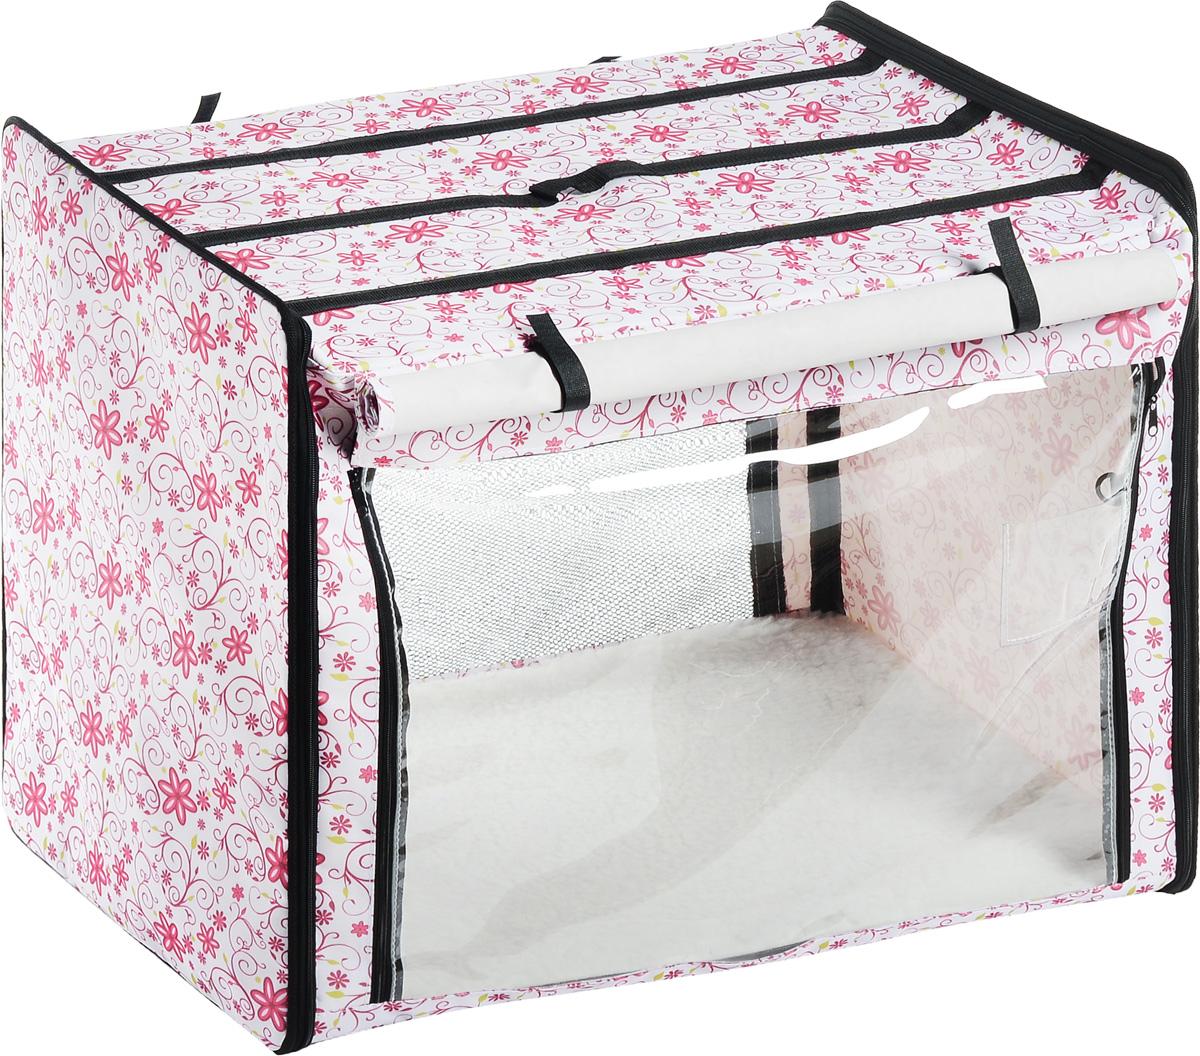 Клетка выставочная Elite Valley, цвет: белый, розовый, зеленый, 75 х 52 х 62 смК-2_белый фон, цветыКлетка Elite Valley предназначена для показа кошек и собак на выставках. Она выполнена из плотного текстиля, каркас - металлический. Клетка оснащена съемными пленкой и сеткой. Внутри имеется мягкая подстилка, выполненная из искусственного меха. Прозрачную пленку можно прикрыть шторкой. Сверху расположена ручка для переноски.В комплекте сумка-чехол для удобной транспортировки.